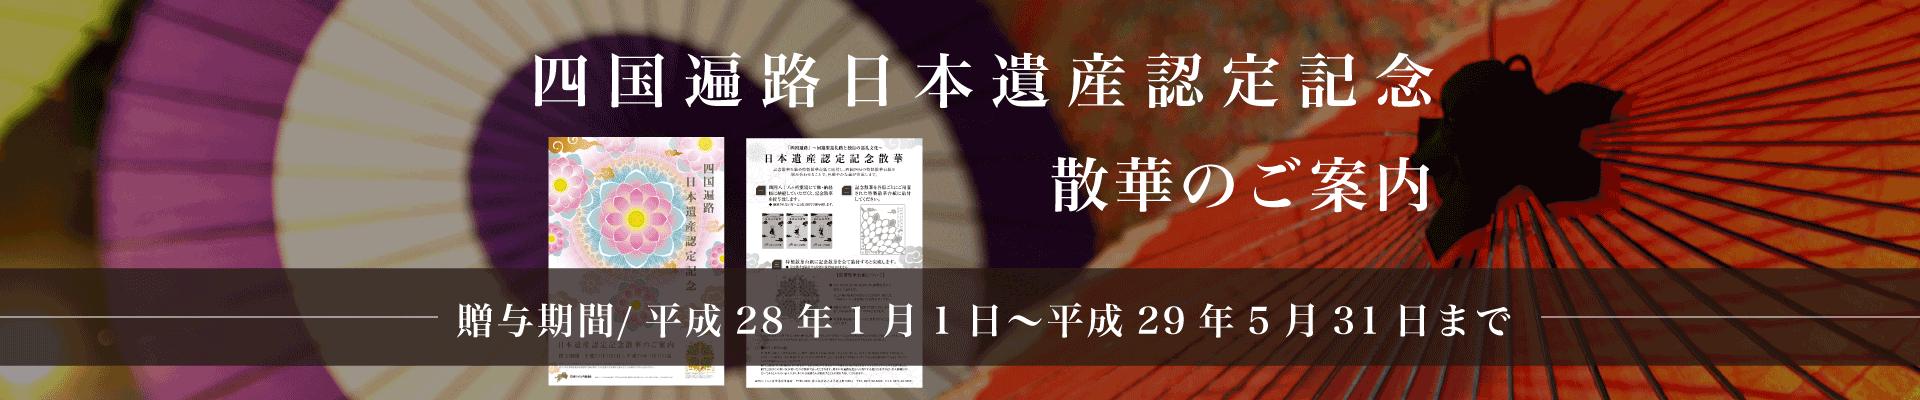 『日本遺産認定記念散華』のご案内